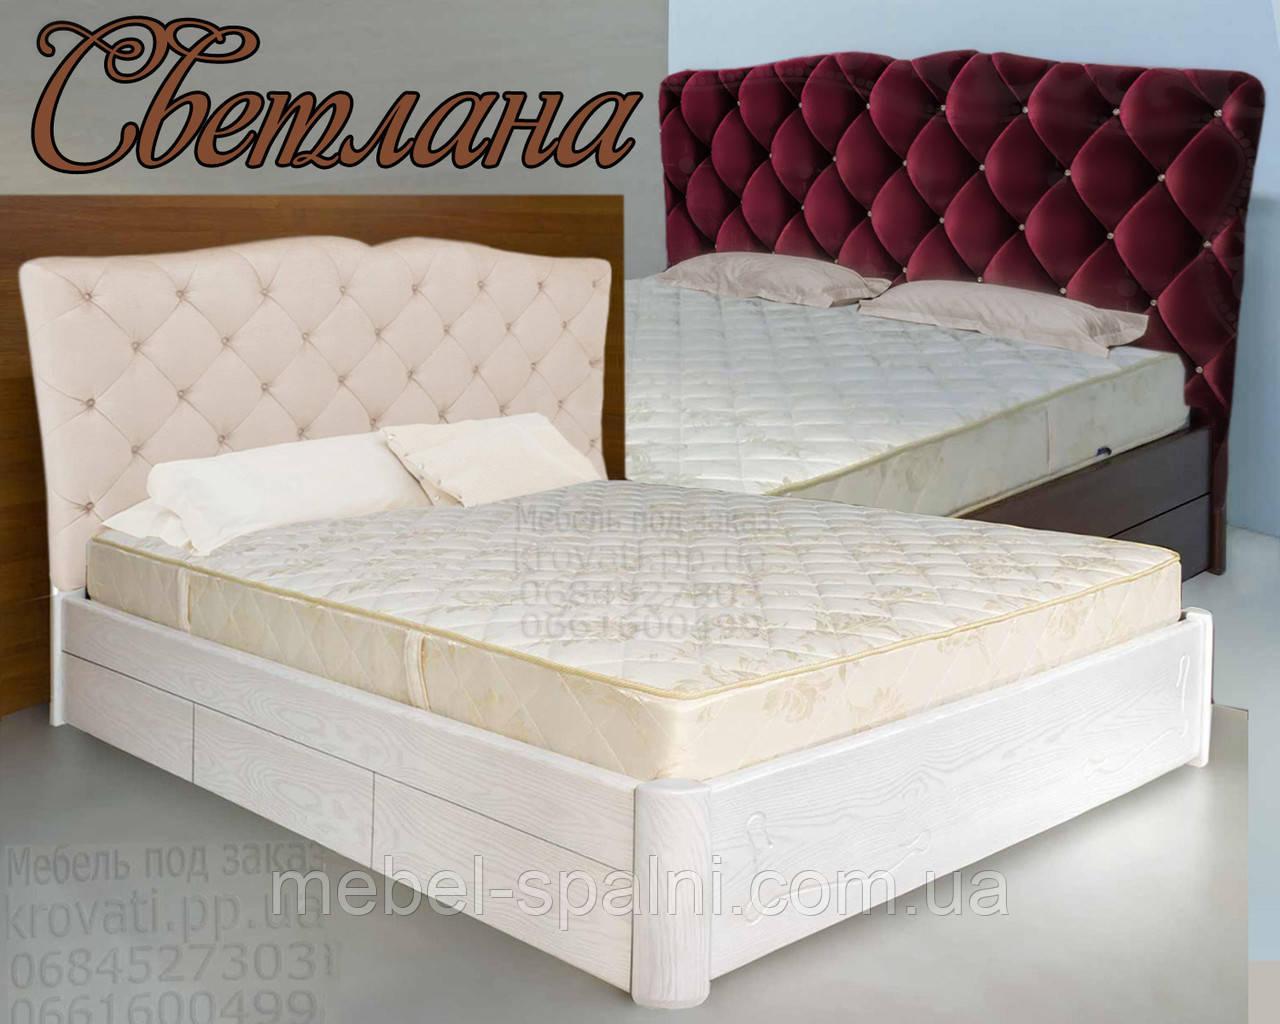 Кровать двуспальная «Светлана»